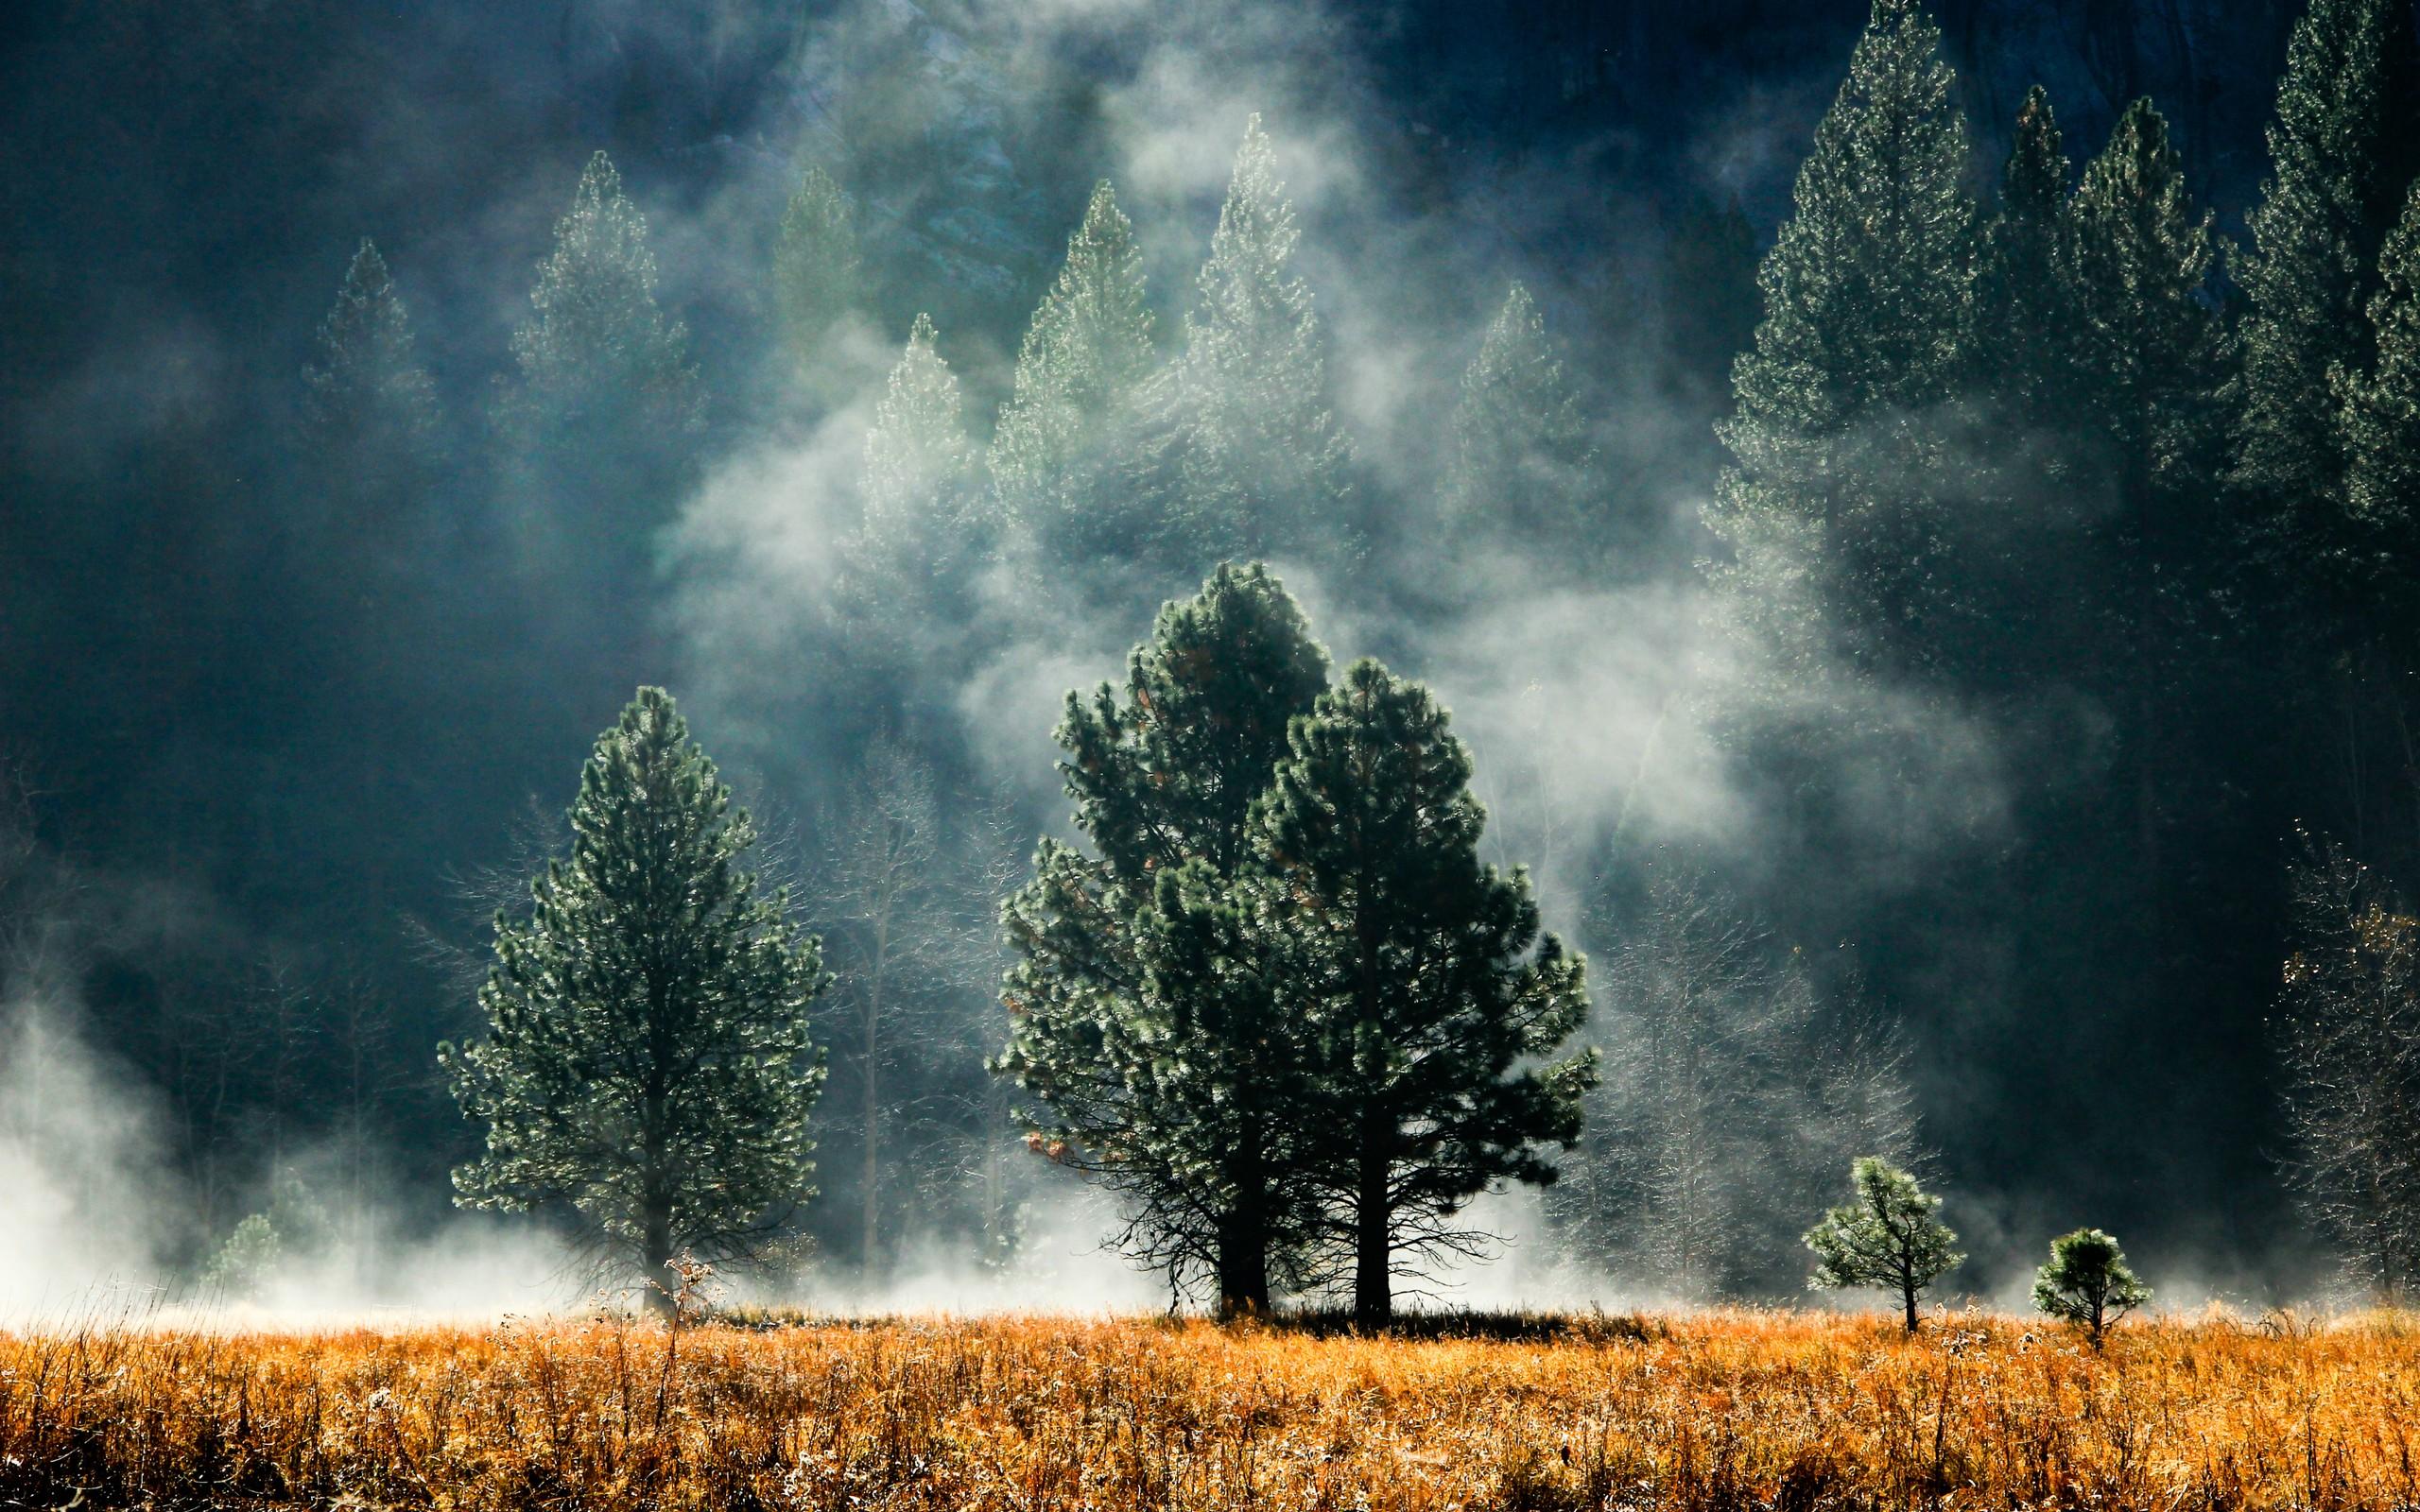 Fog Wallpaper HD 36614 2560x1600 px